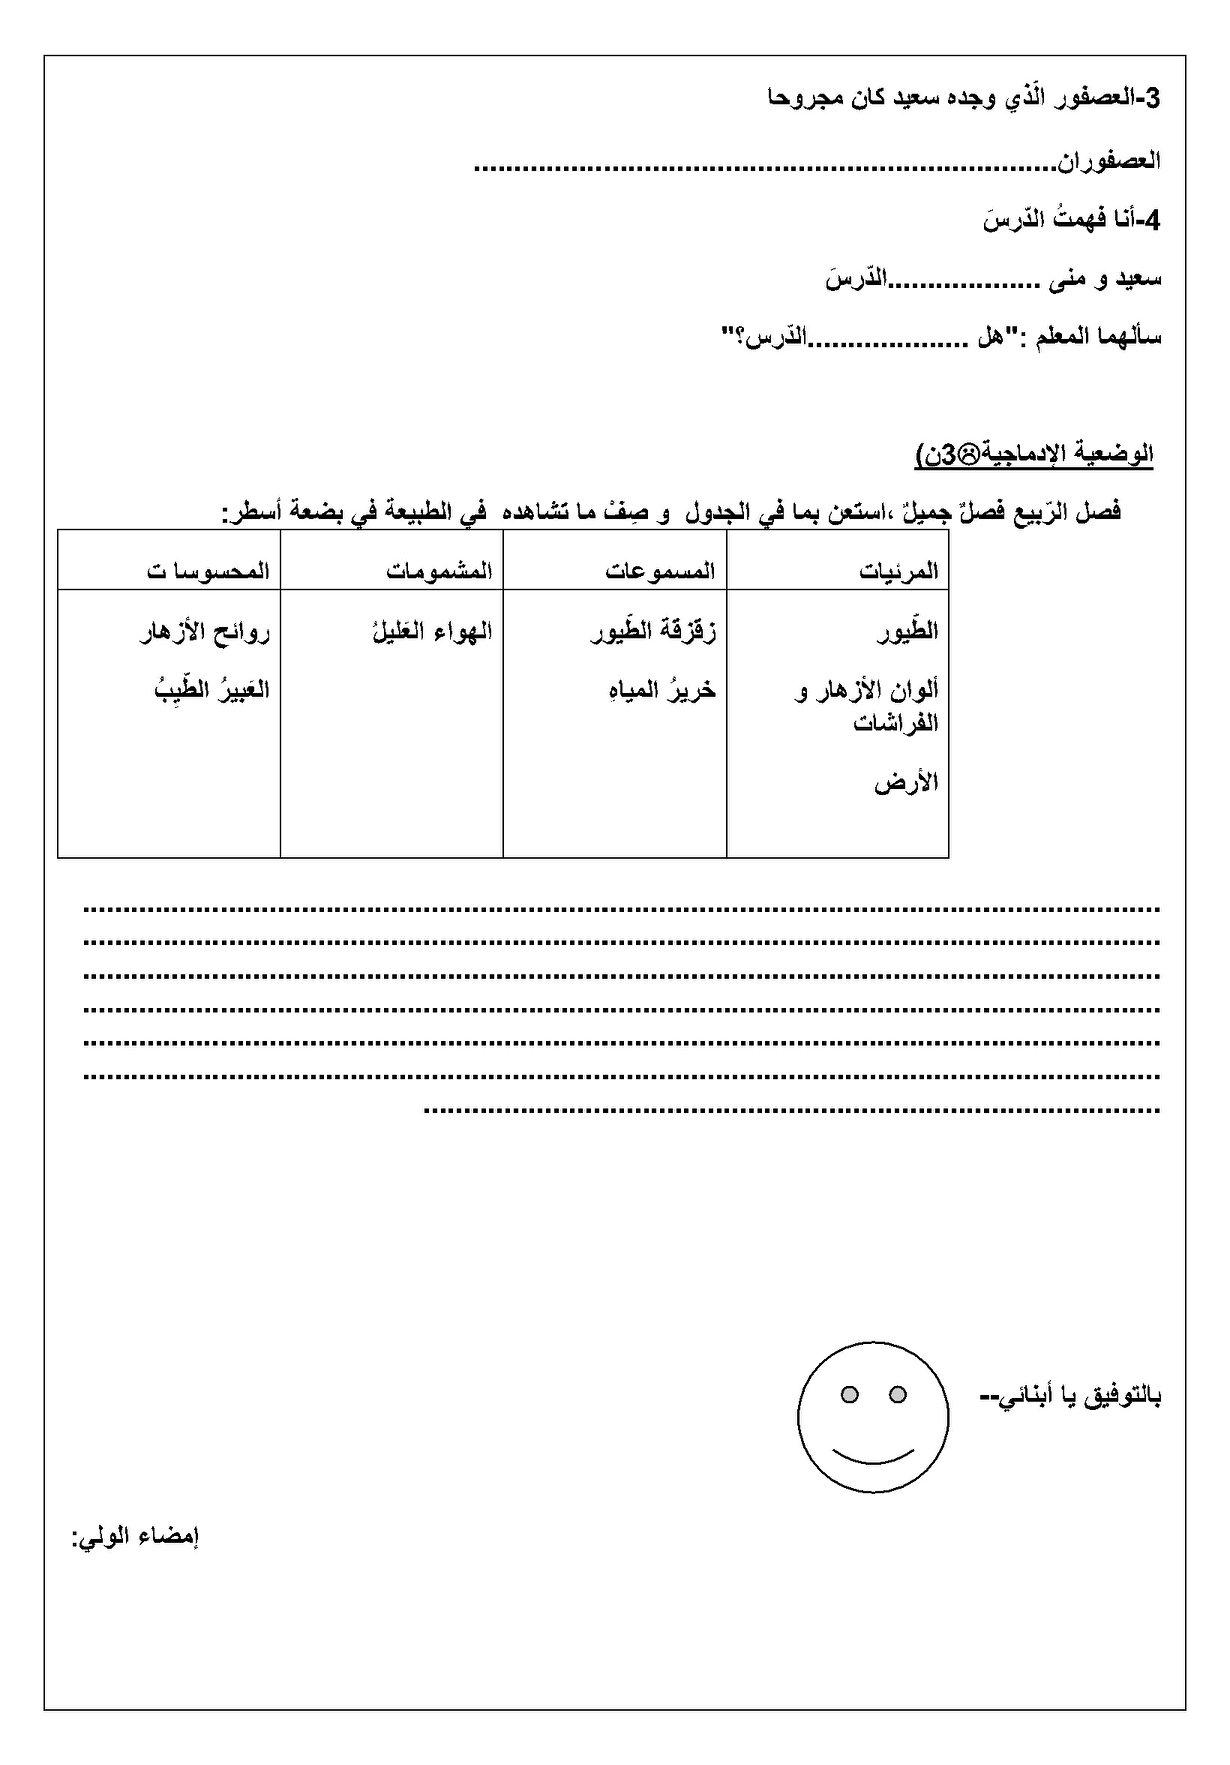 اختبار الفصل الثاني في اللغة العربية | السنة الثالثة ابتدائي | الموضوع 18